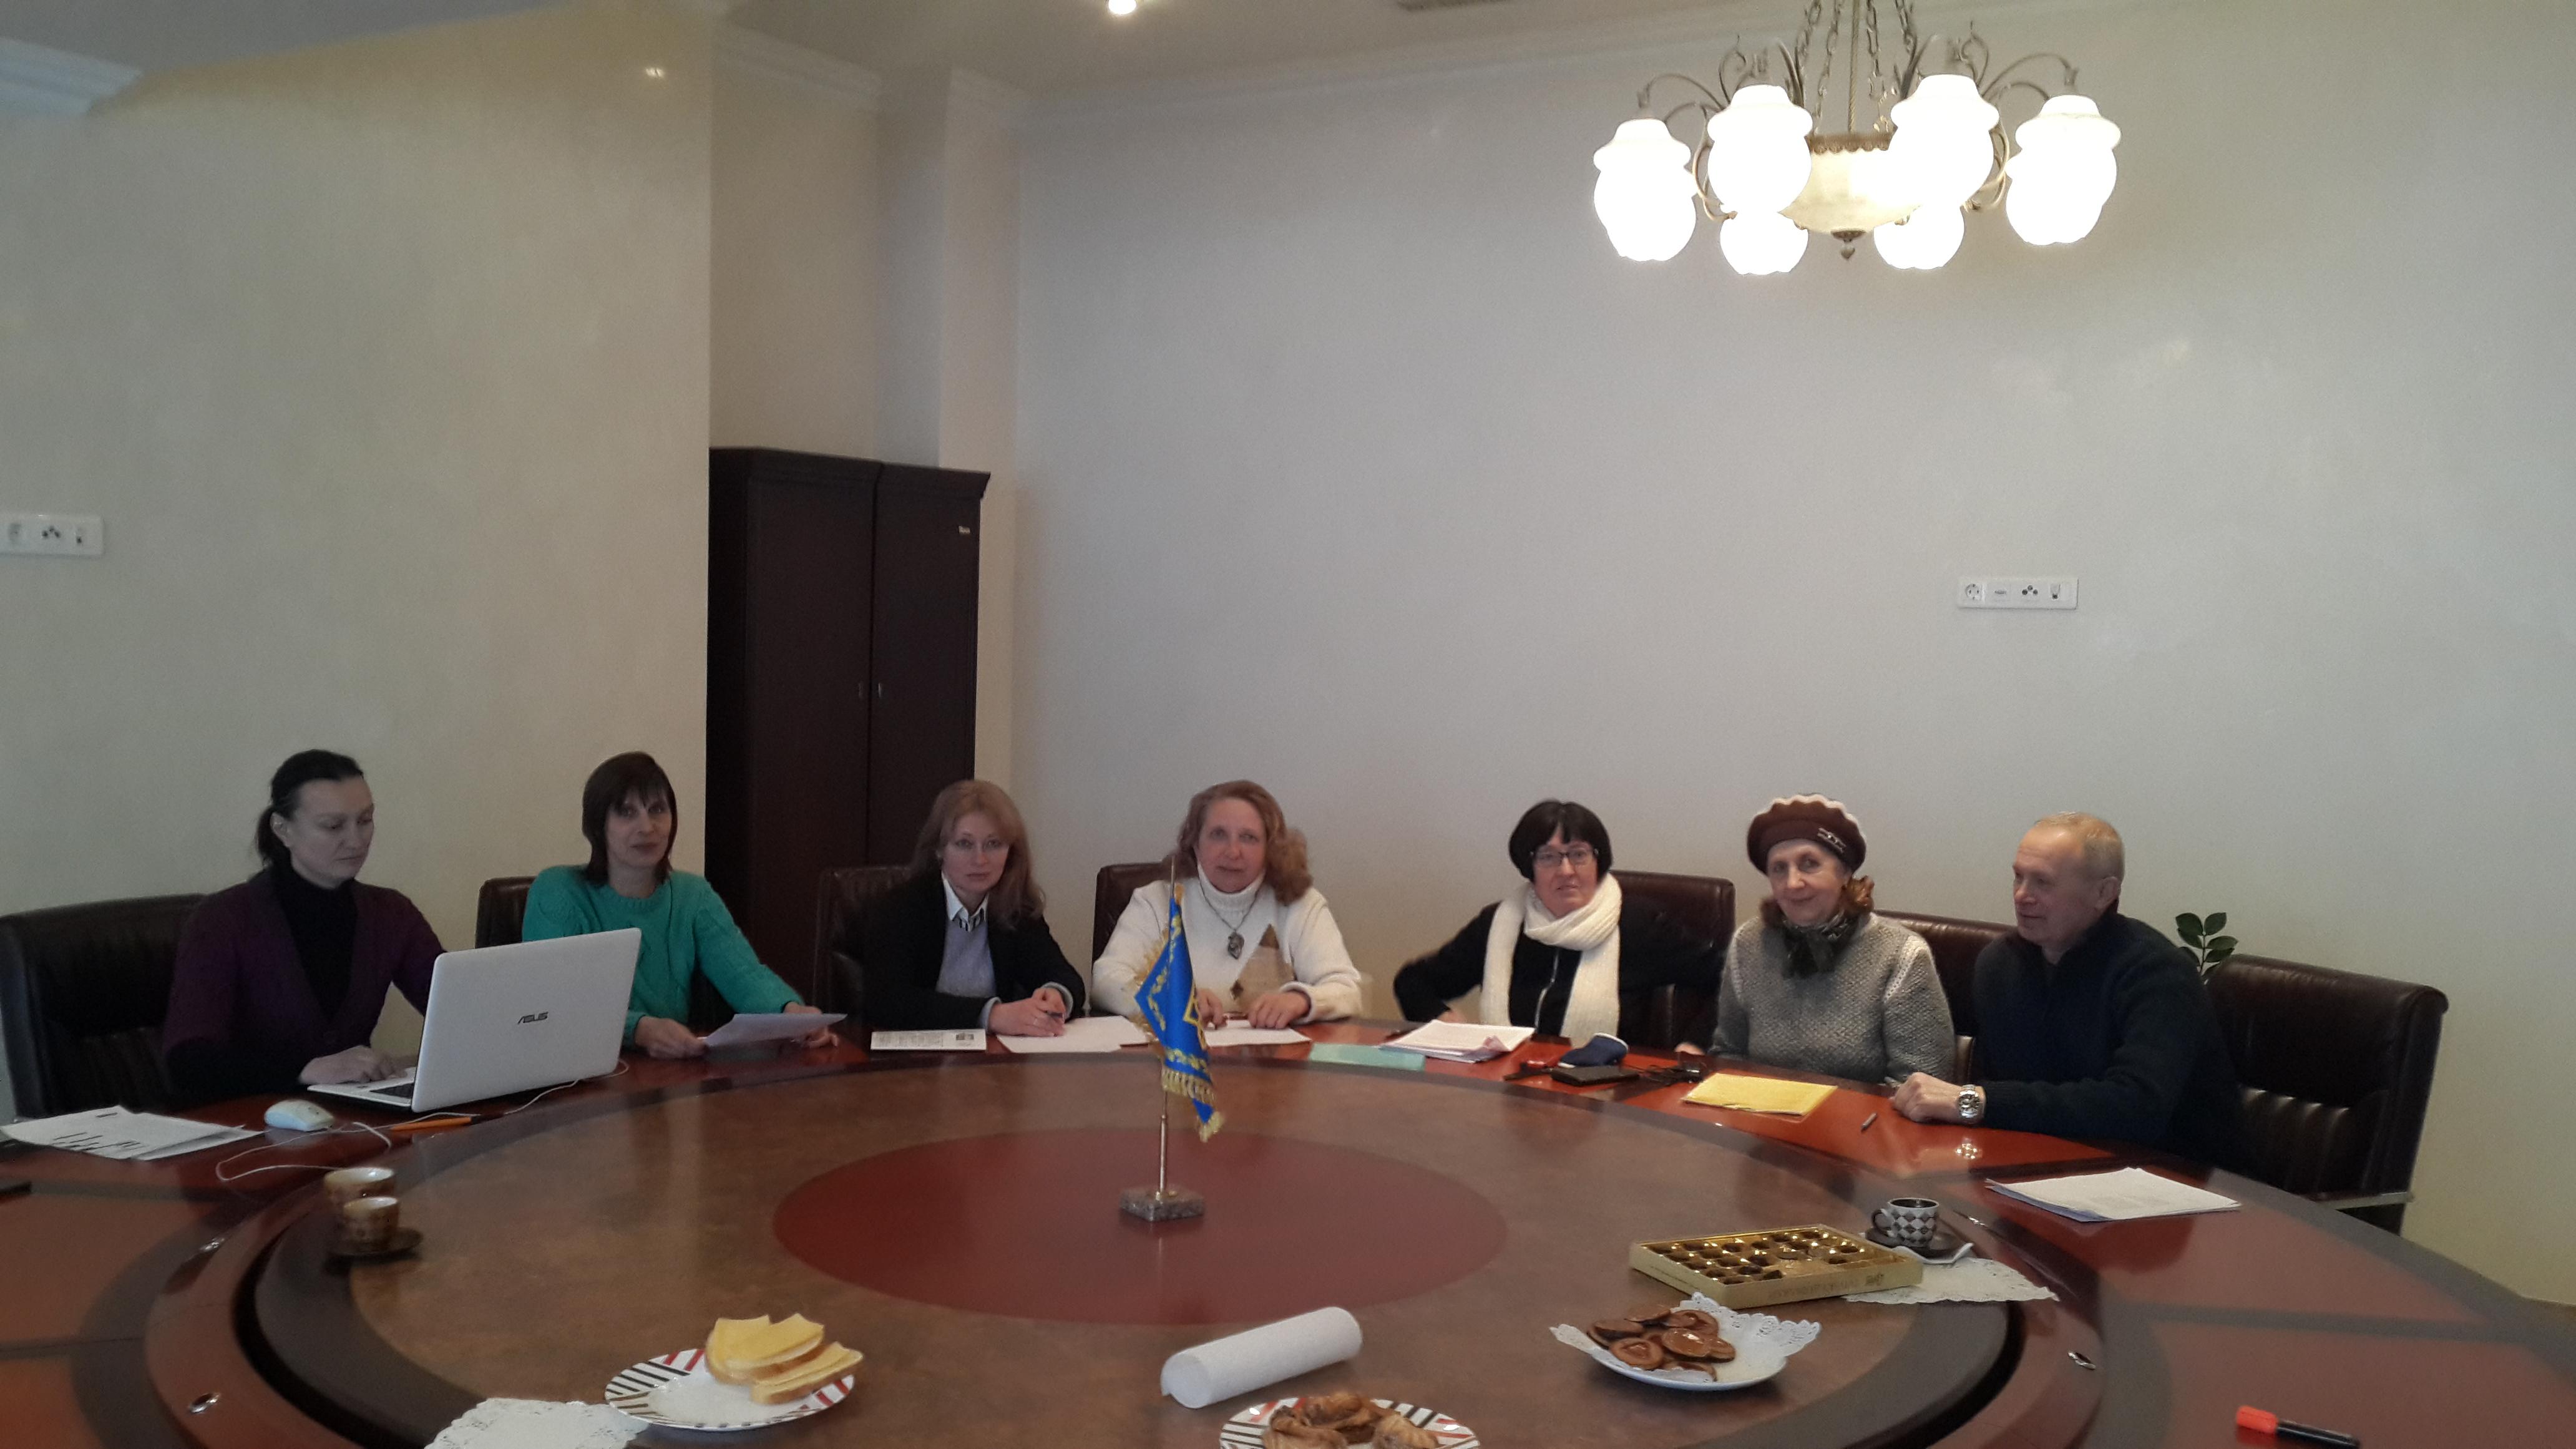 Заседание аттестационной комиссии Коллегии судей ВФКСУ (выпуск журнала №40)